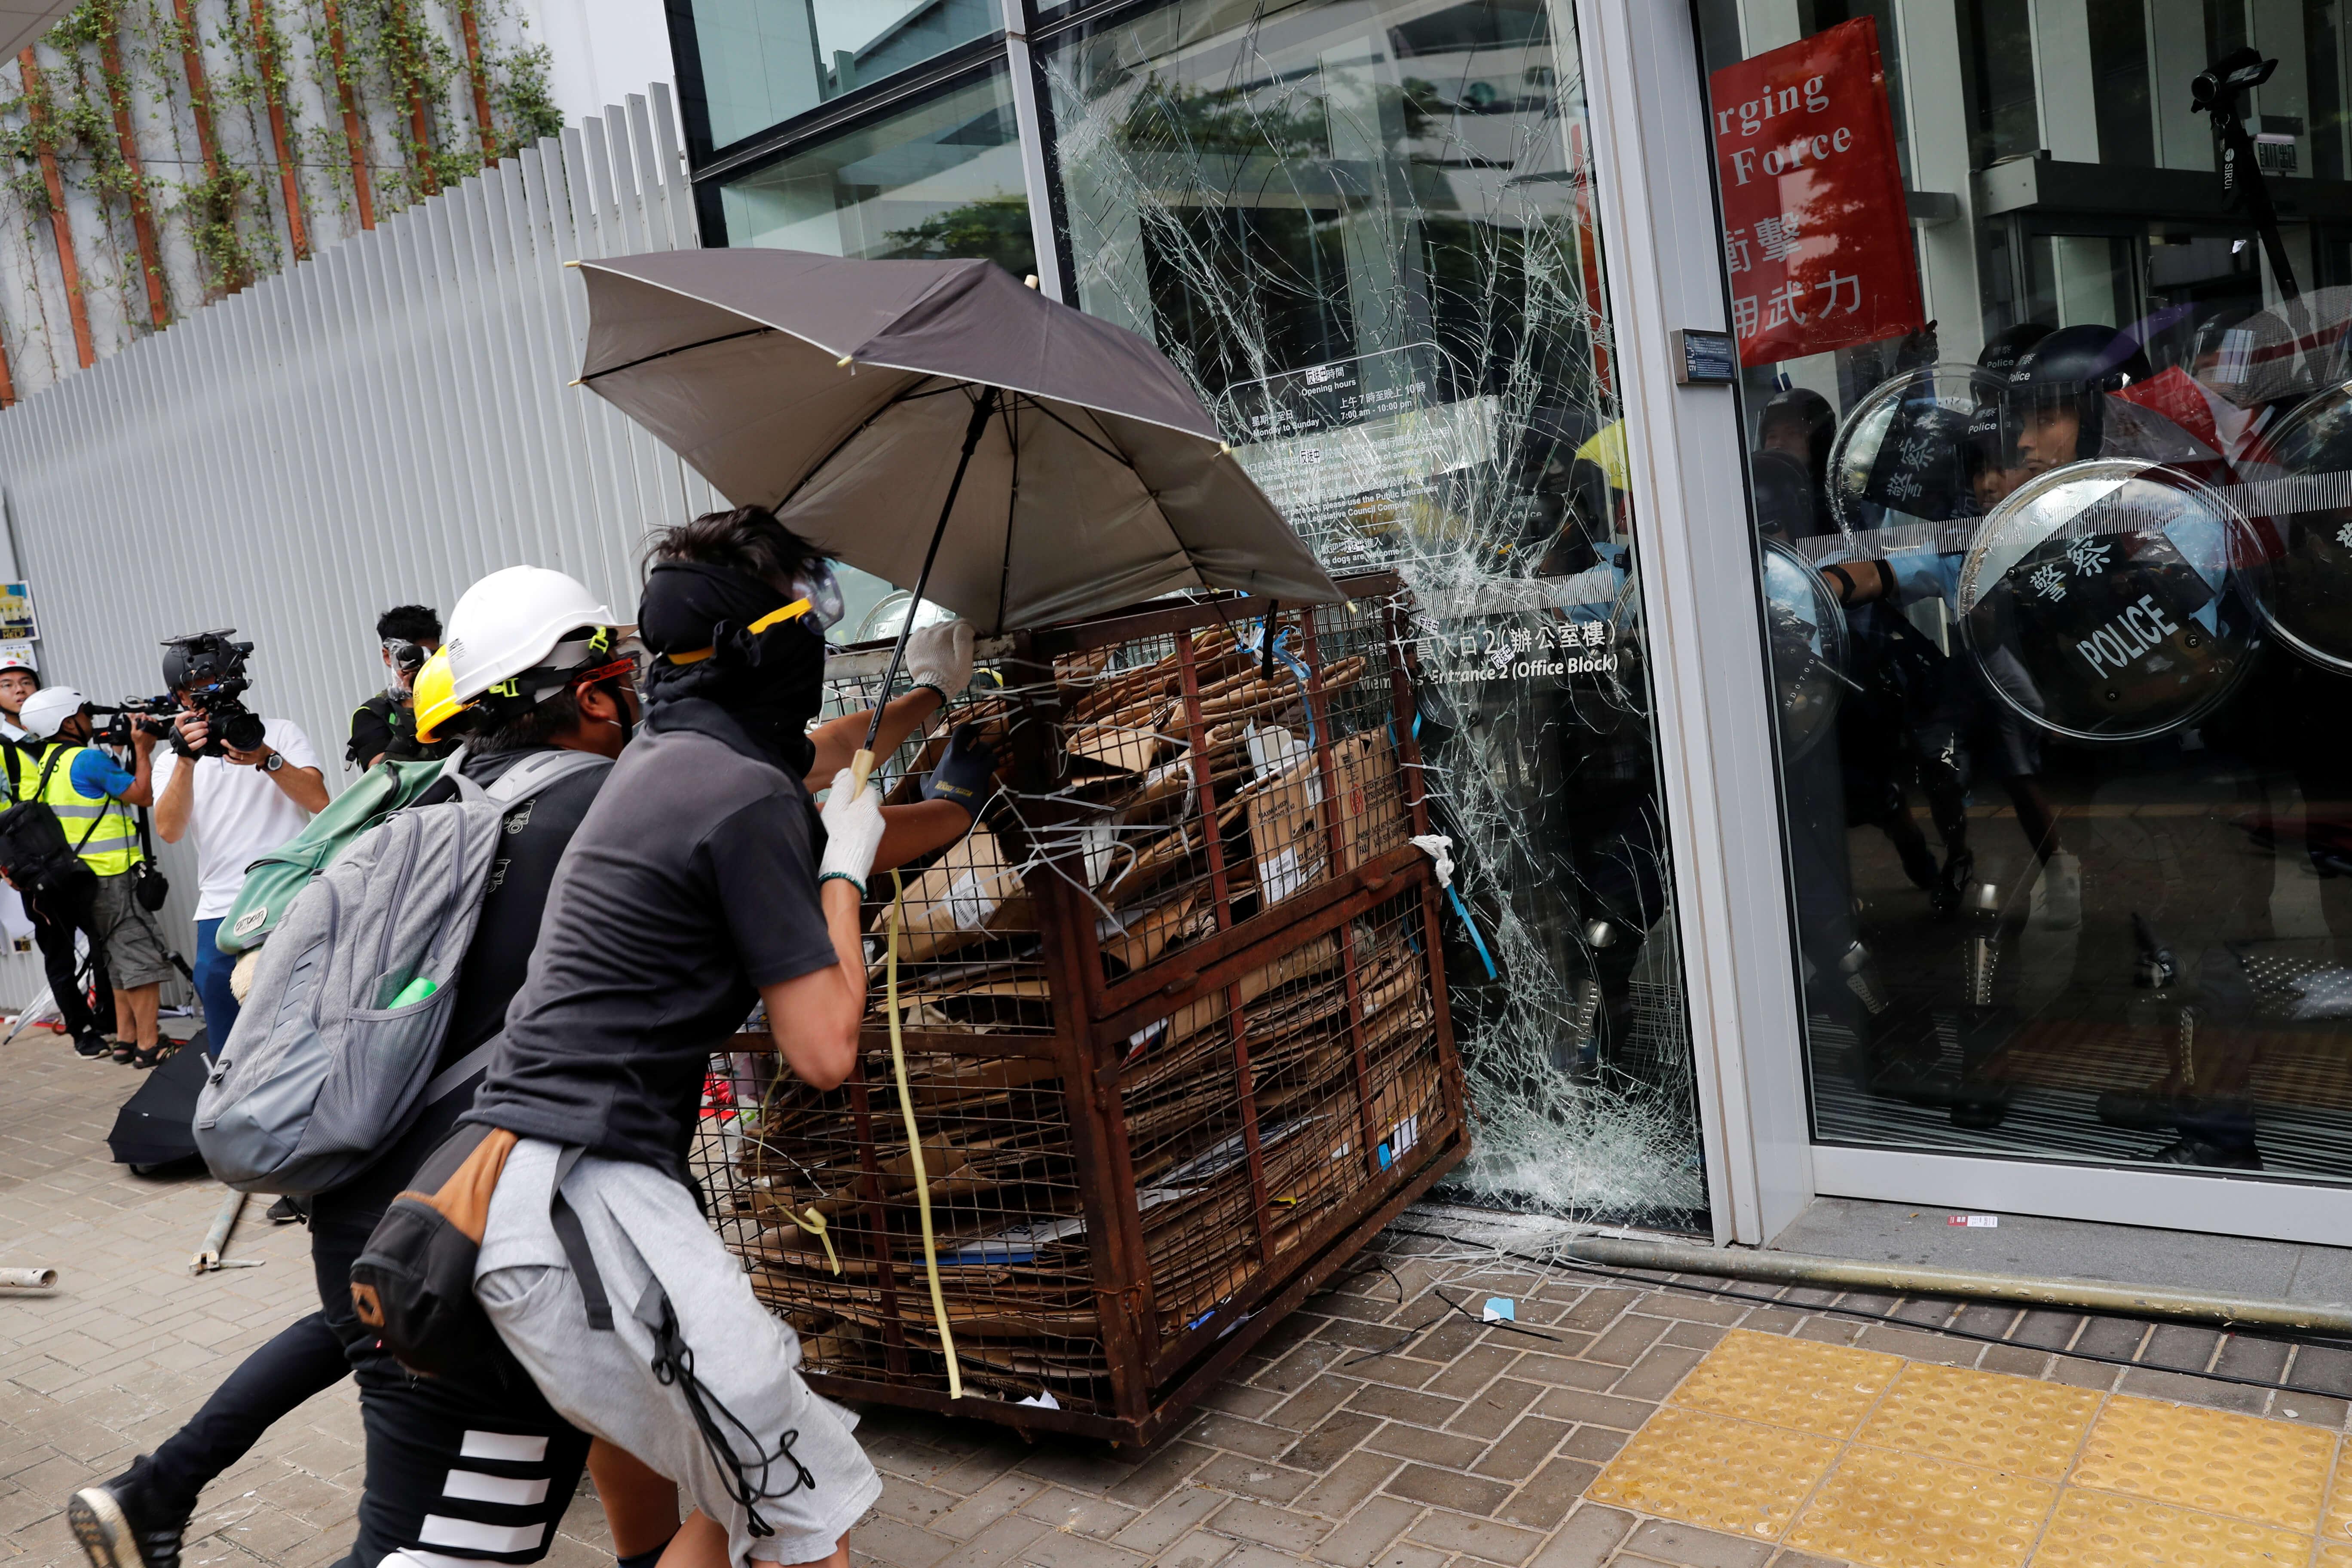 Χονγκ Κονγκ: Απόπειρα εισβολής στο κτίριο του Νομοθετικού Συμβουλίου – video